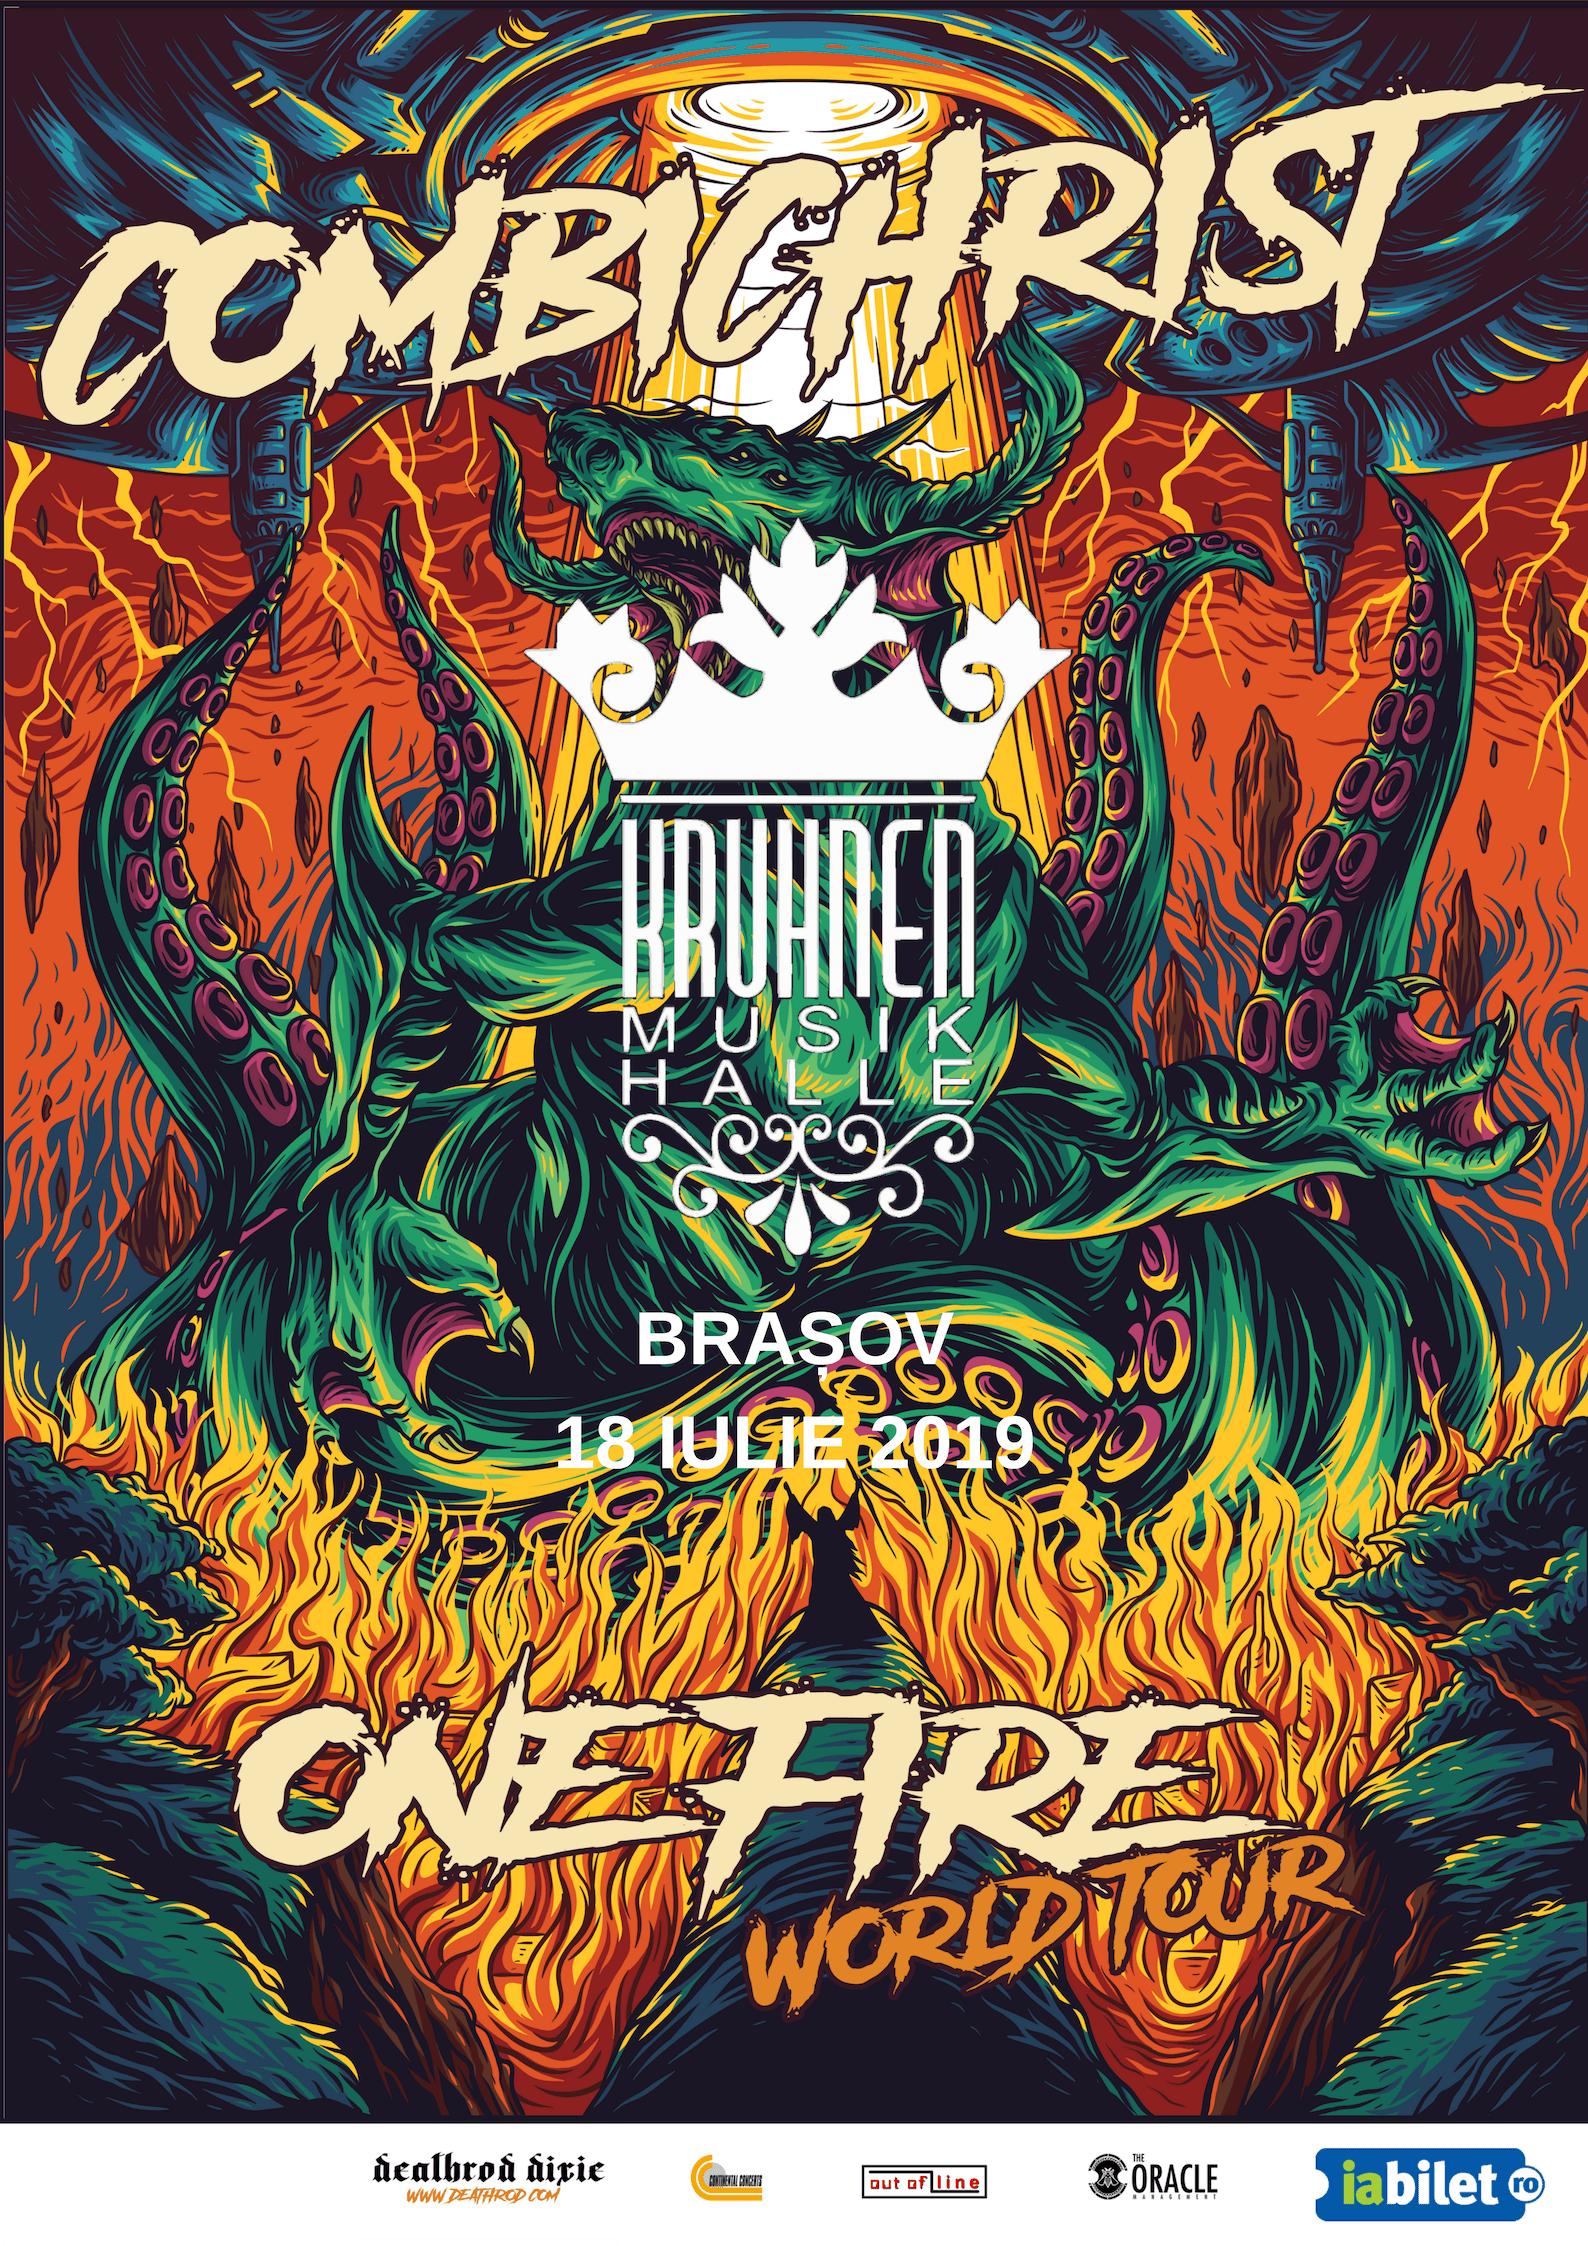 COMBICHRIST [USA] în concert la Kruhnen Musik Halle din Brașov, parte din One Fire World Tour 2019